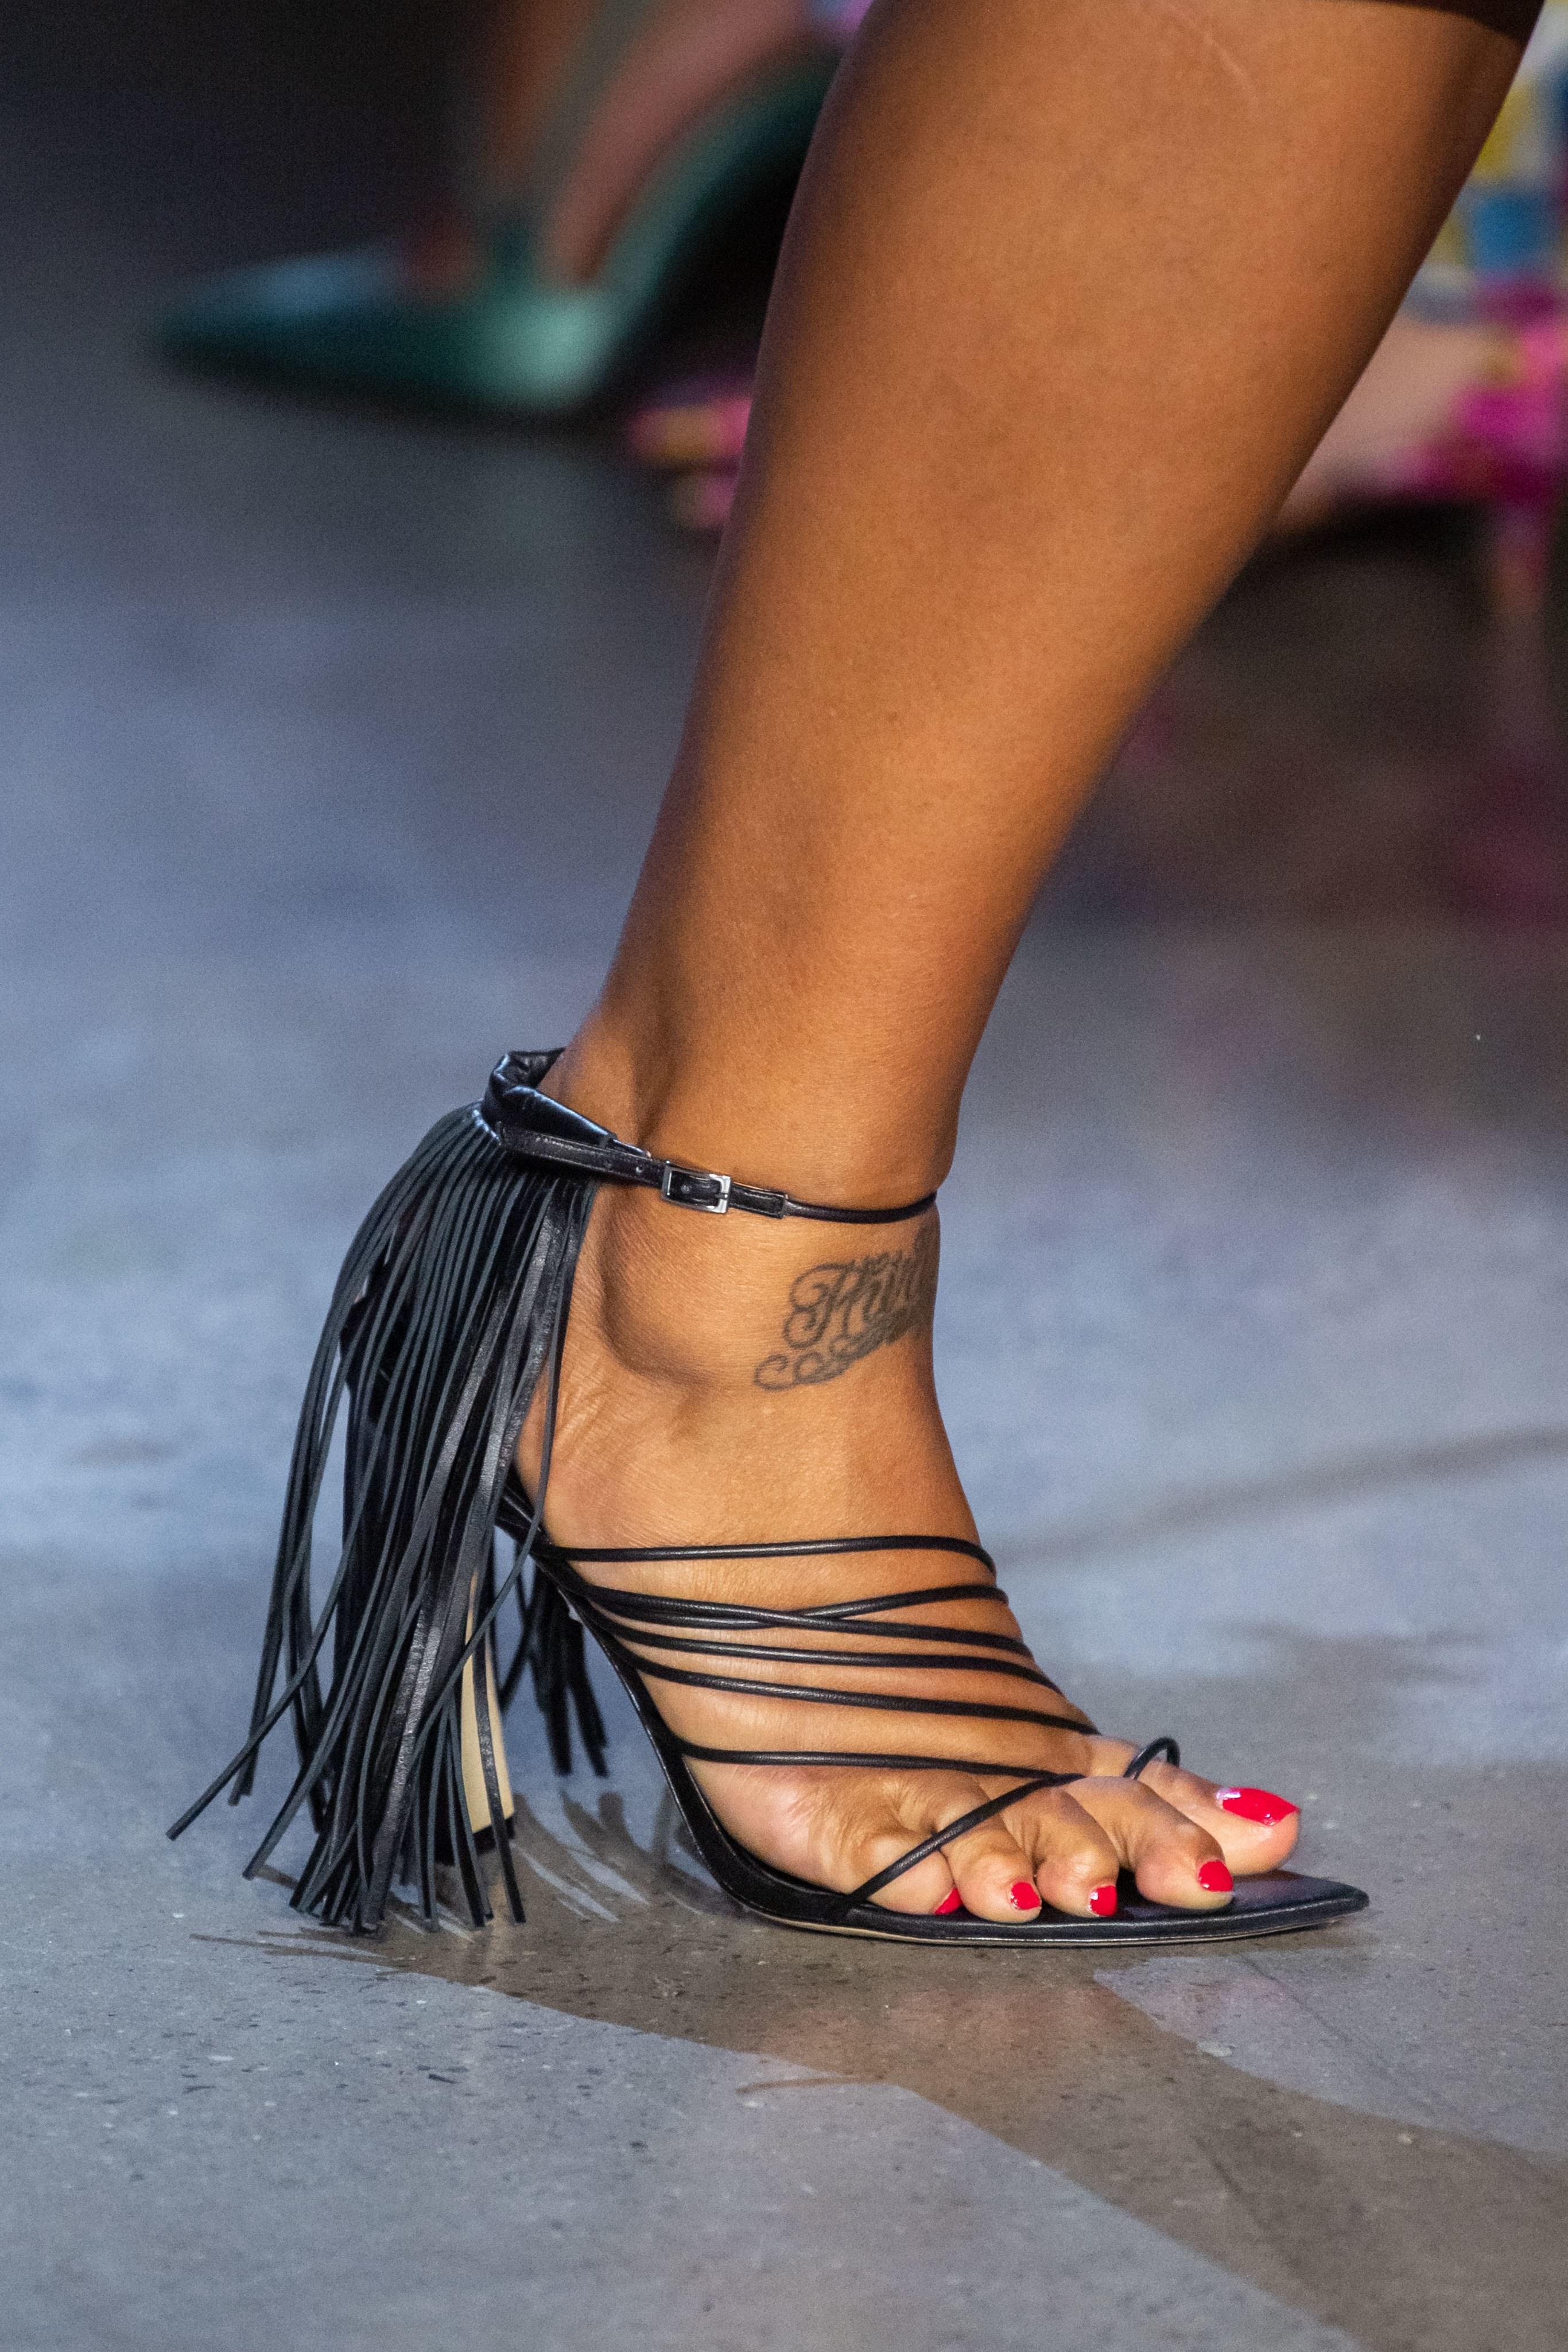 Paloma Elsessers Feet